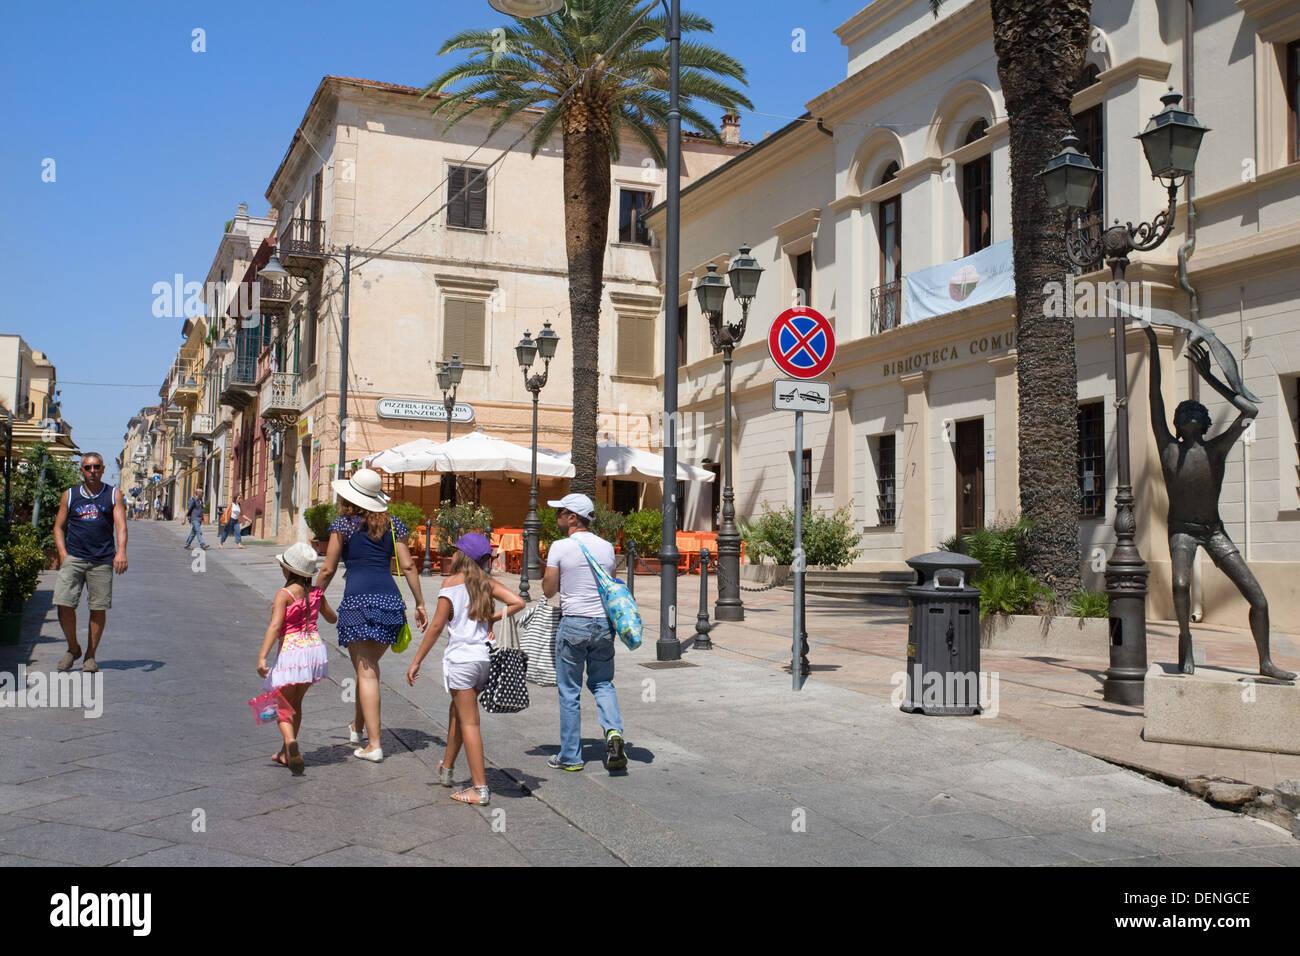 Corso Umberto, Olbia city, Sardinia, Italy - Stock Image